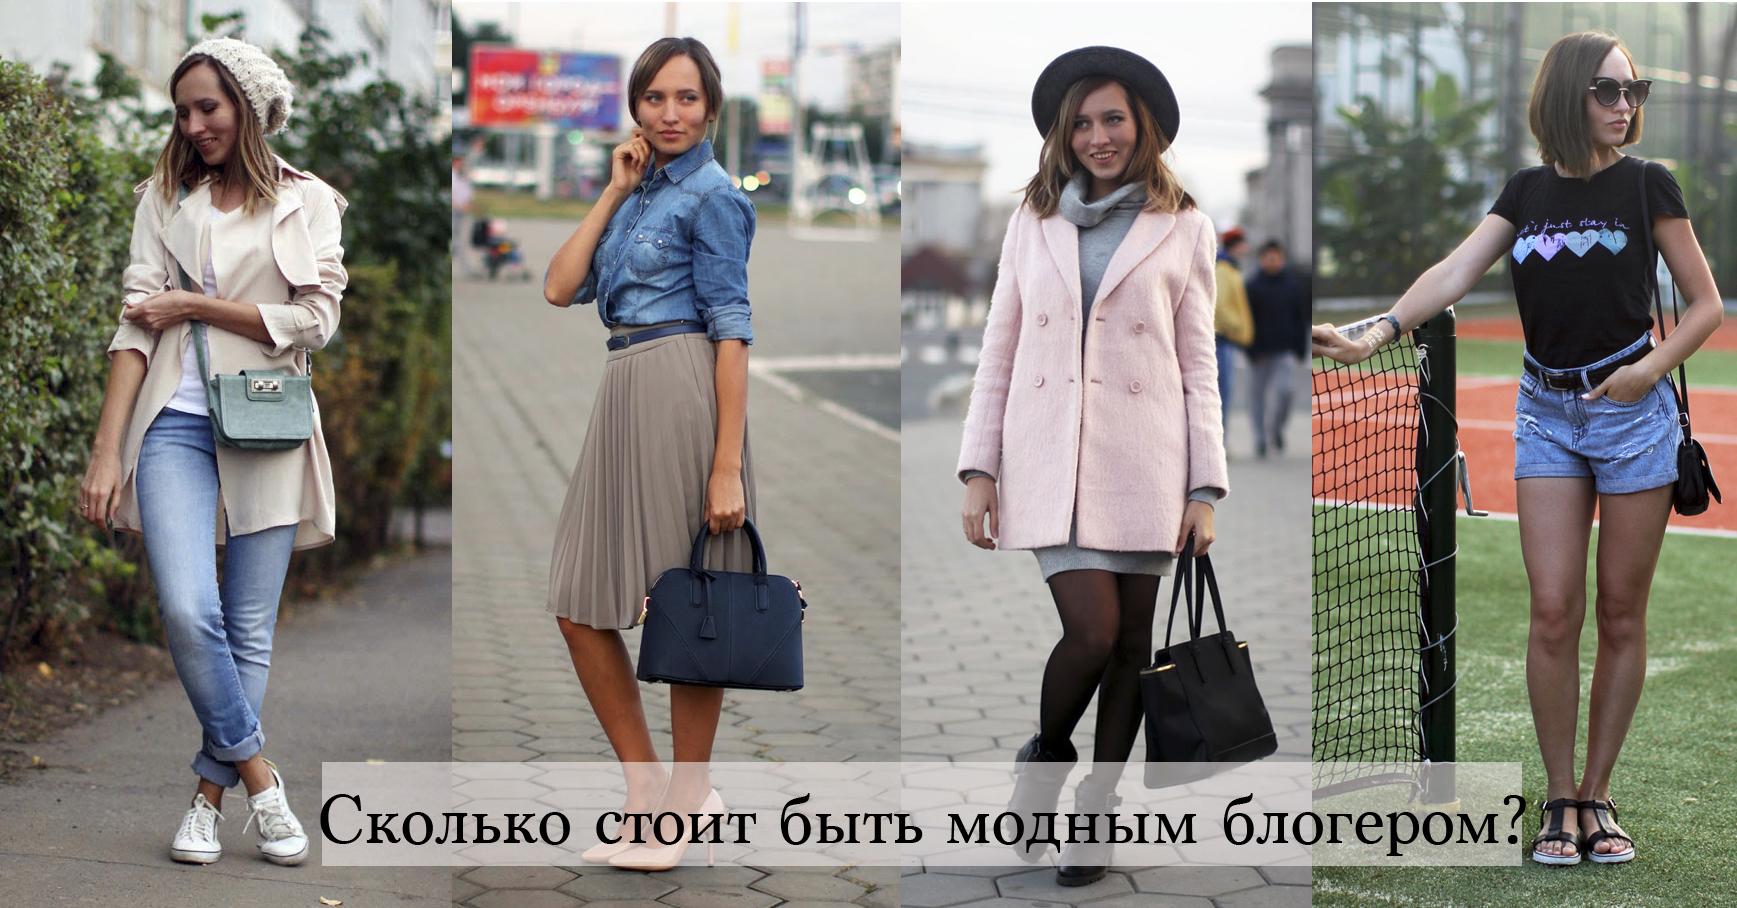 сколько стоит быть модным блогером